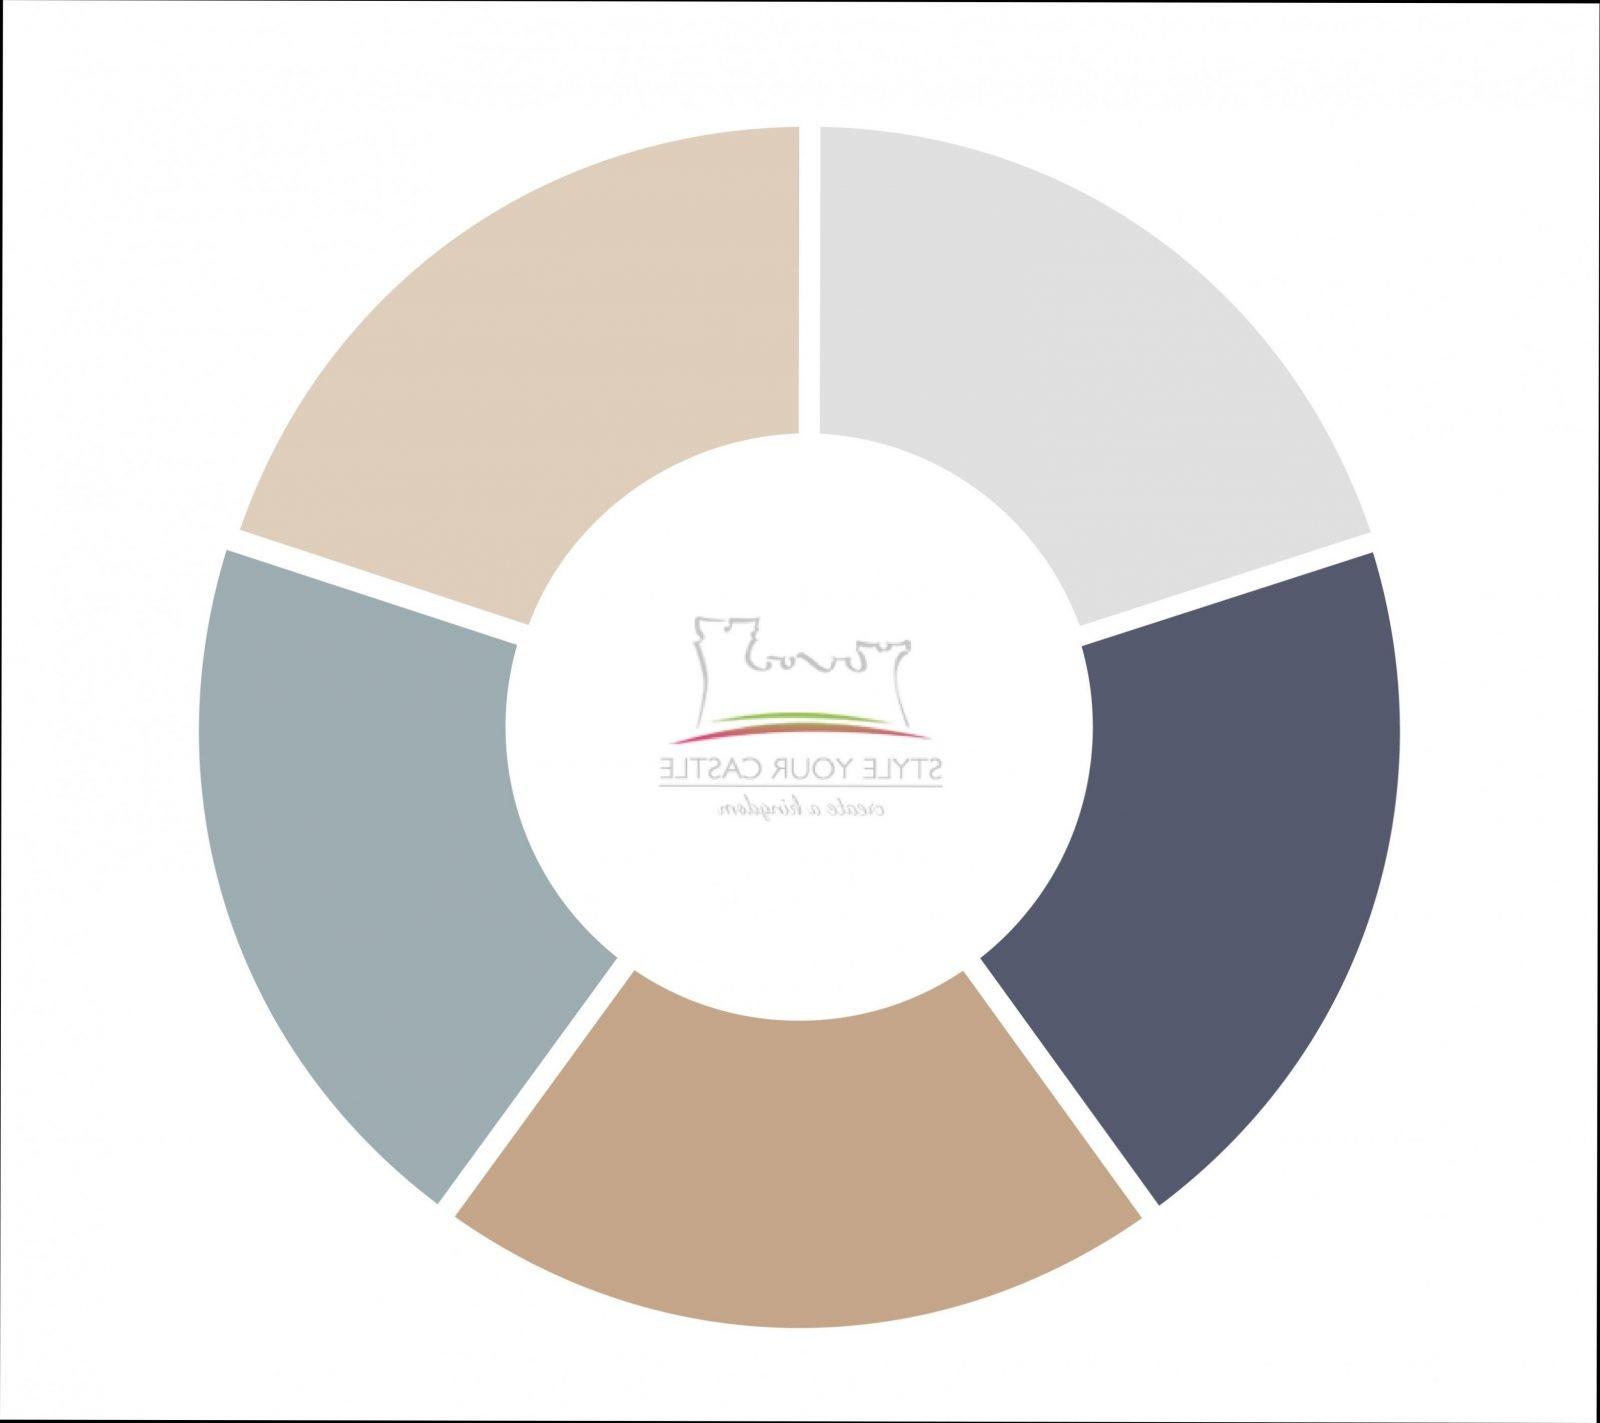 Wunderbar ... Welche Farben Passen Zu Braun Faszinierend Welche Farbe Passt Zu Von  Welche Farbe Passt Zu Braun ...